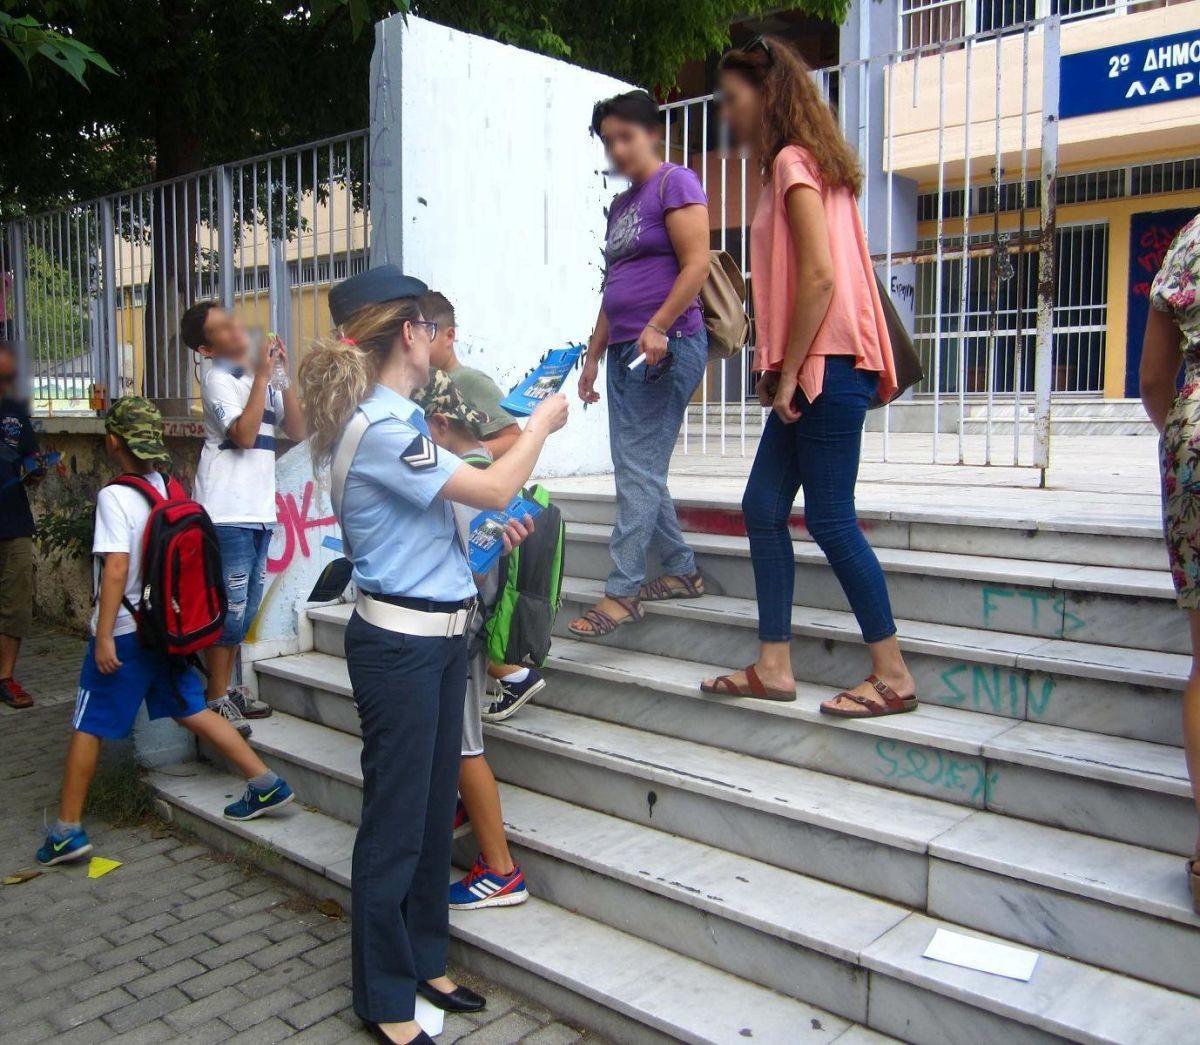 Δράση αστυνομικών της Τροχαίας σε σχολεία τη Δευτέρα